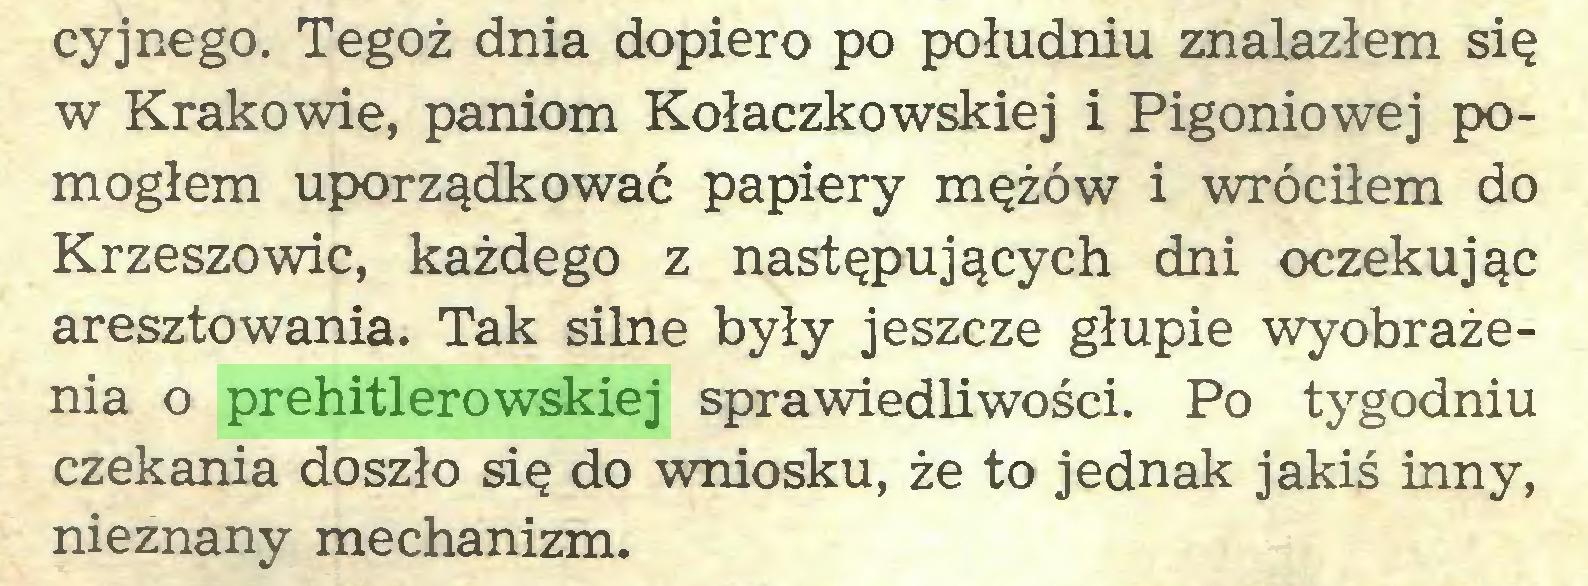 (...) cyjnego. Tegoż dnia dopiero po południu znalazłem się w Krakowie, paniom Kołaczkowskiej i Pigoniowej pomogłem uporządkować papiery mężów i wróciłem do Krzeszowic, każdego z następujących dni oczekując aresztowania. Tak silne były jeszcze głupie wyobrażenia o prehitlerowskiej sprawiedliwości. Po tygodniu czekania doszło się do wniosku, że to jednak jakiś inny, nieznany mechanizm...